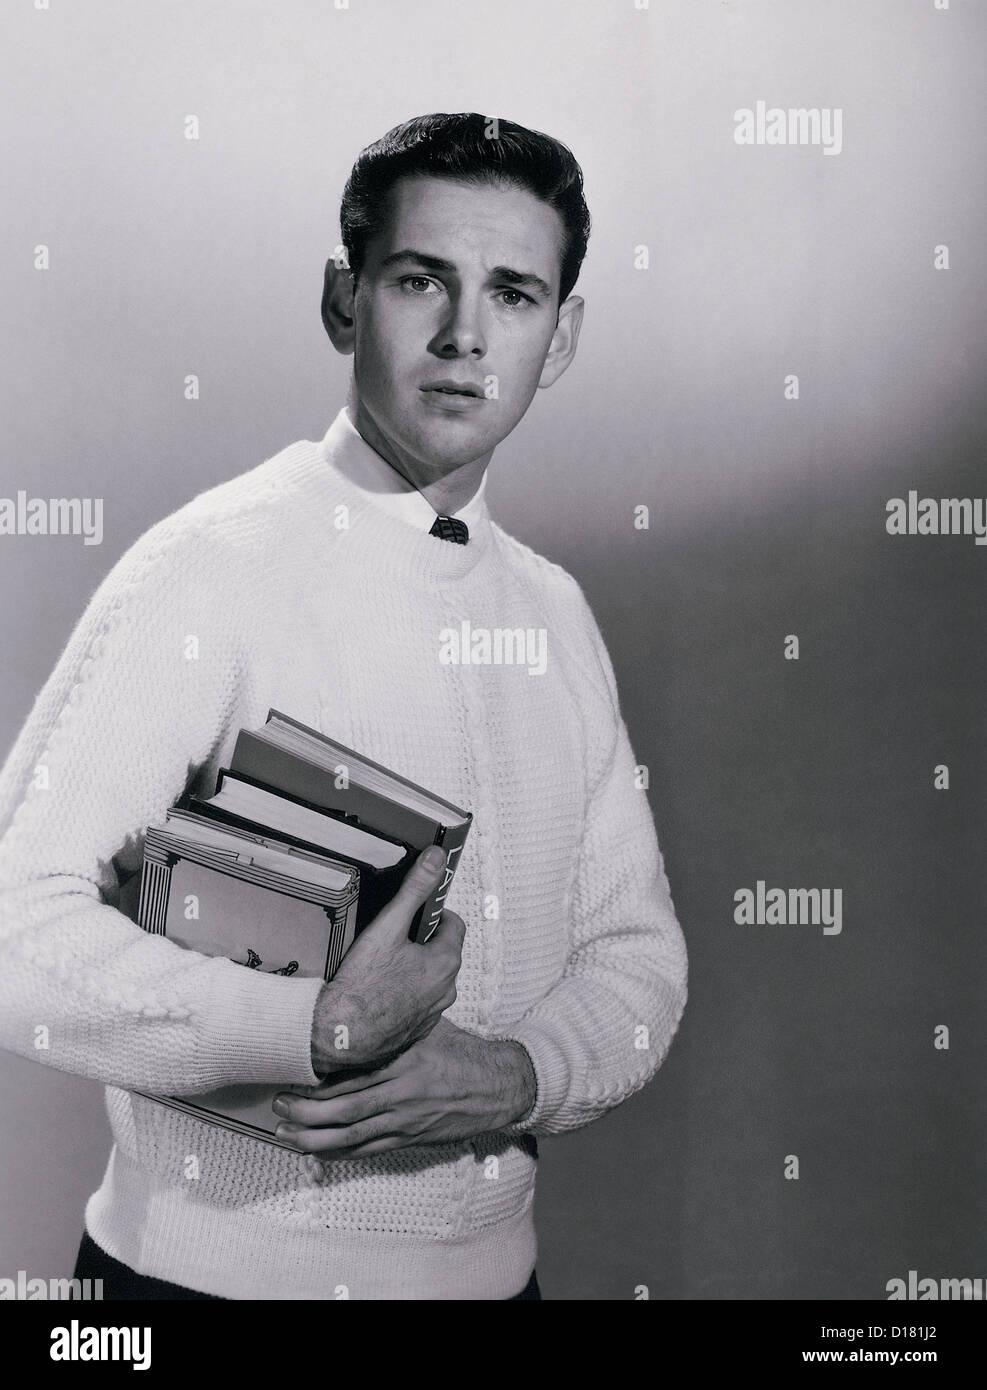 Estudiante, chico de escuela, vintage Imagen De Stock